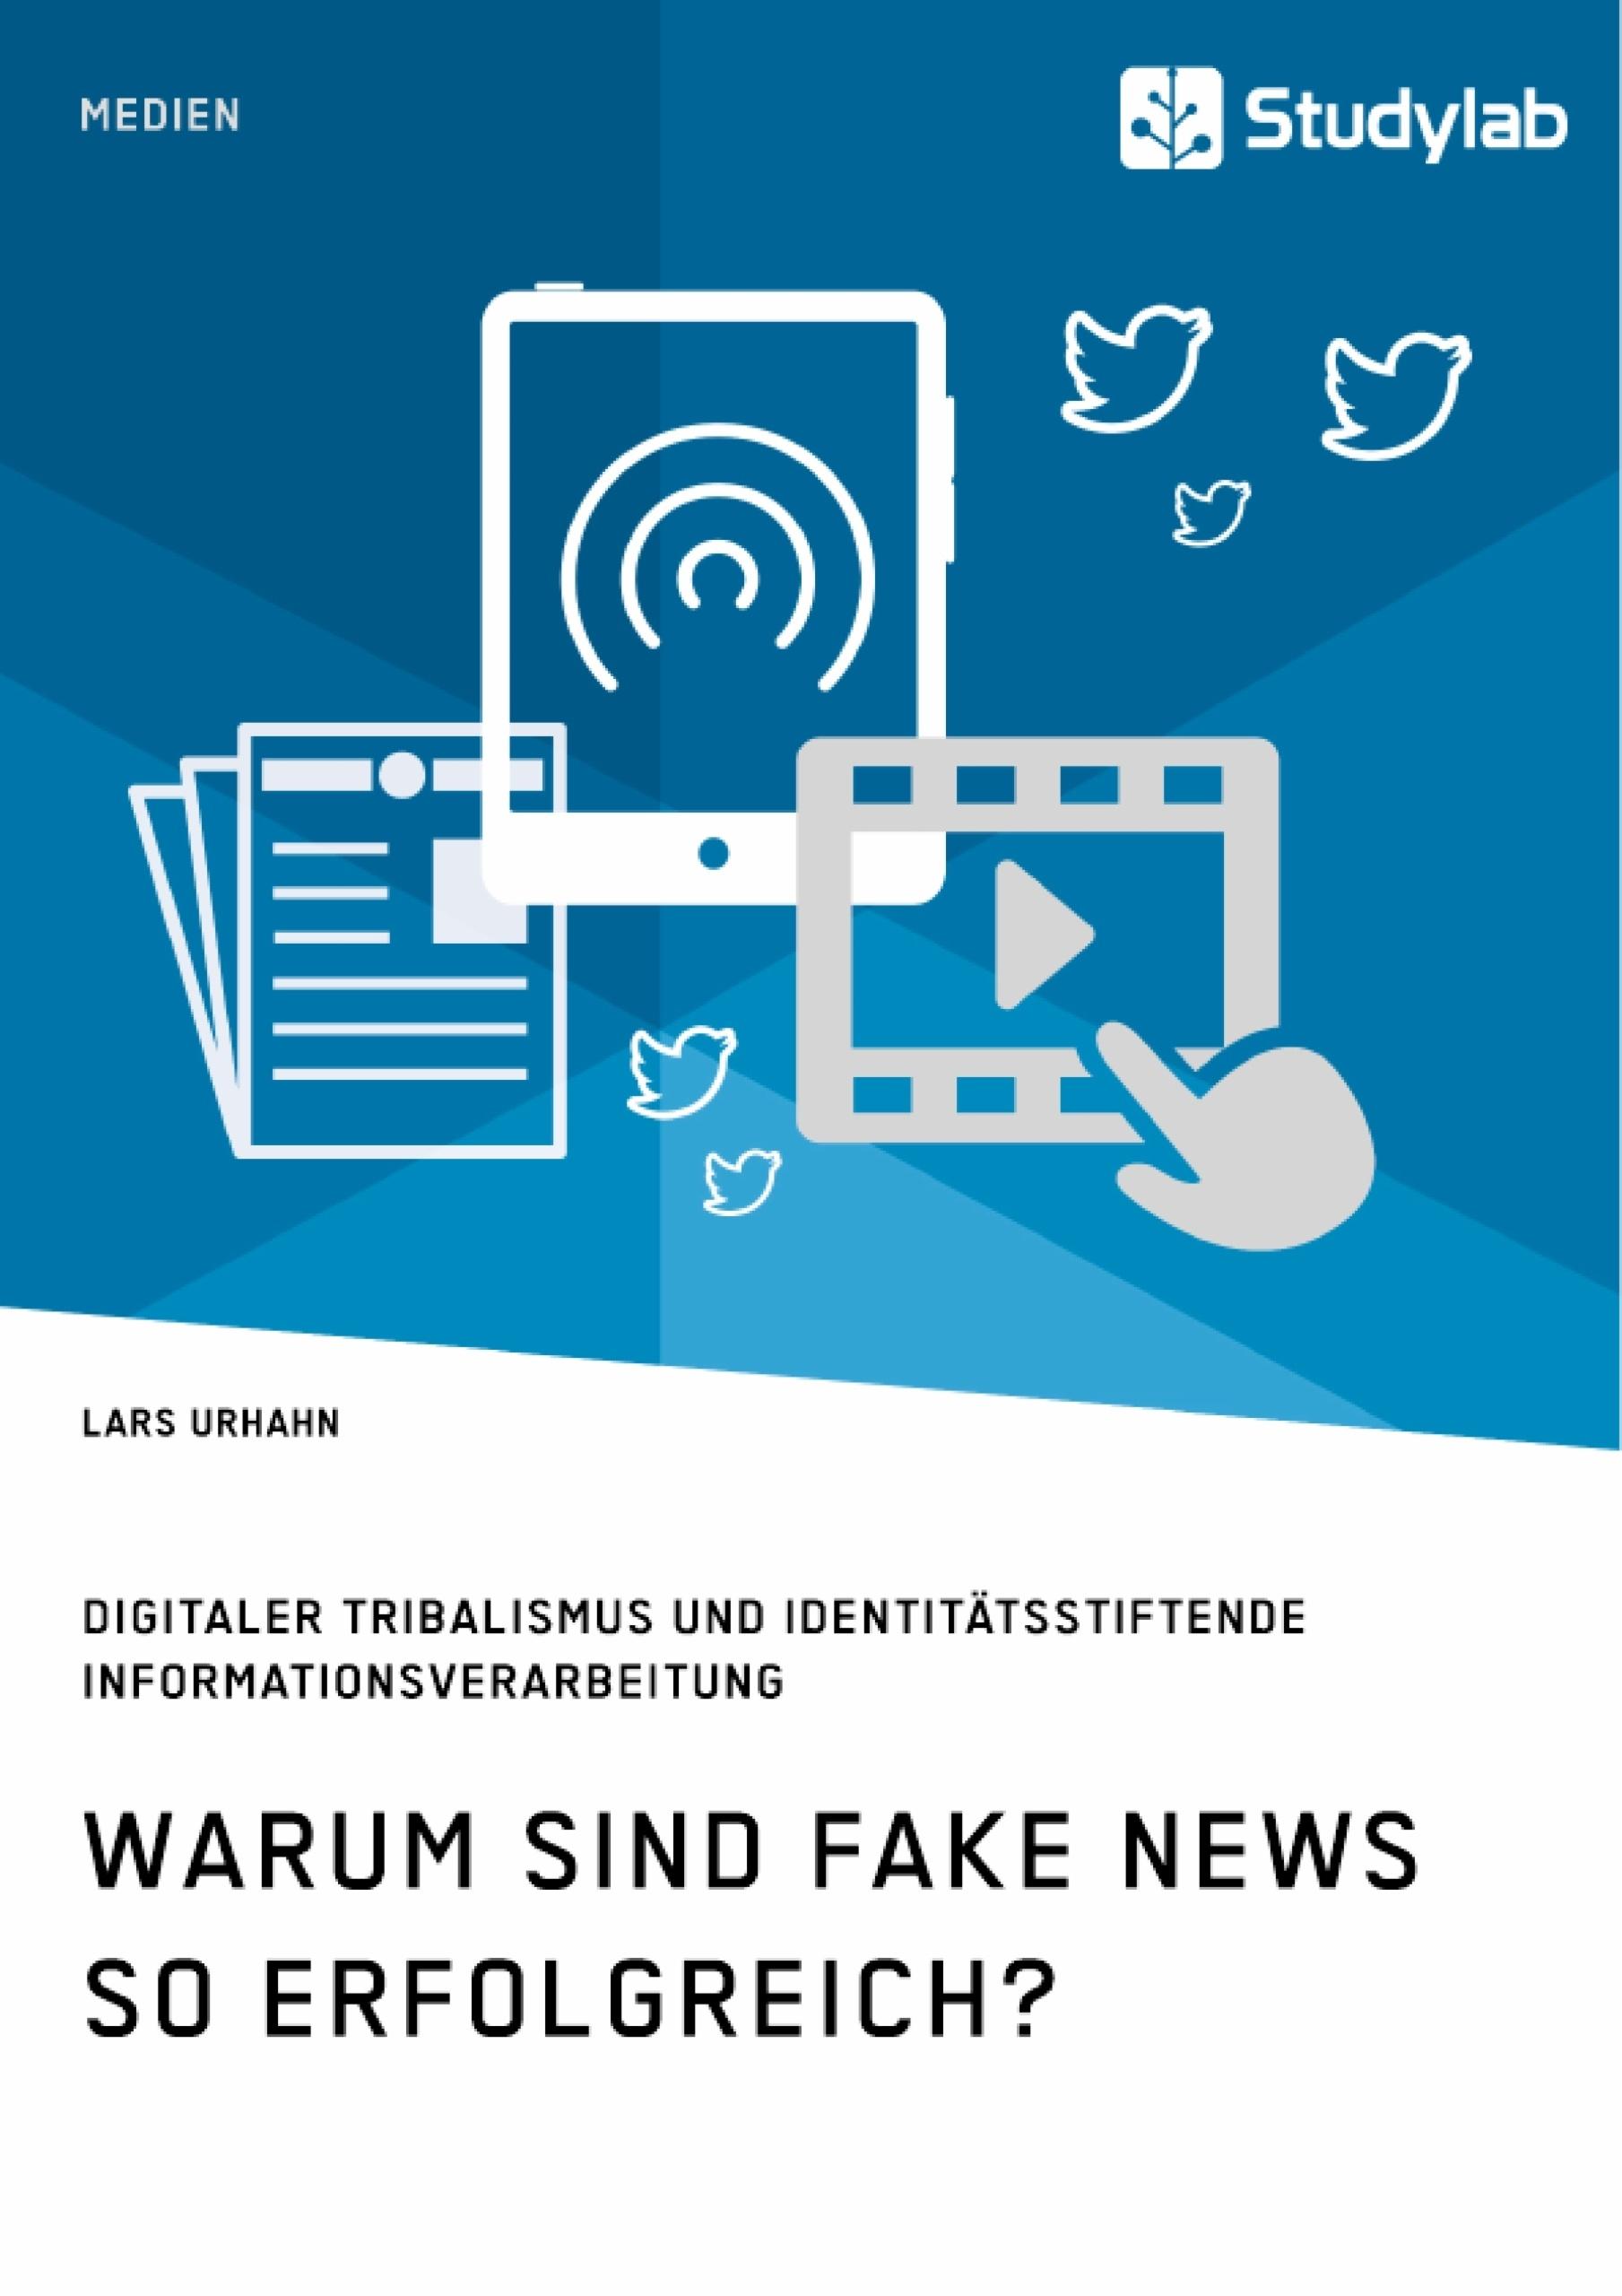 Titel: Warum sind Fake News so erfolgreich? Digitaler Tribalismus und identitätsstiftende Informationsverarbeitung